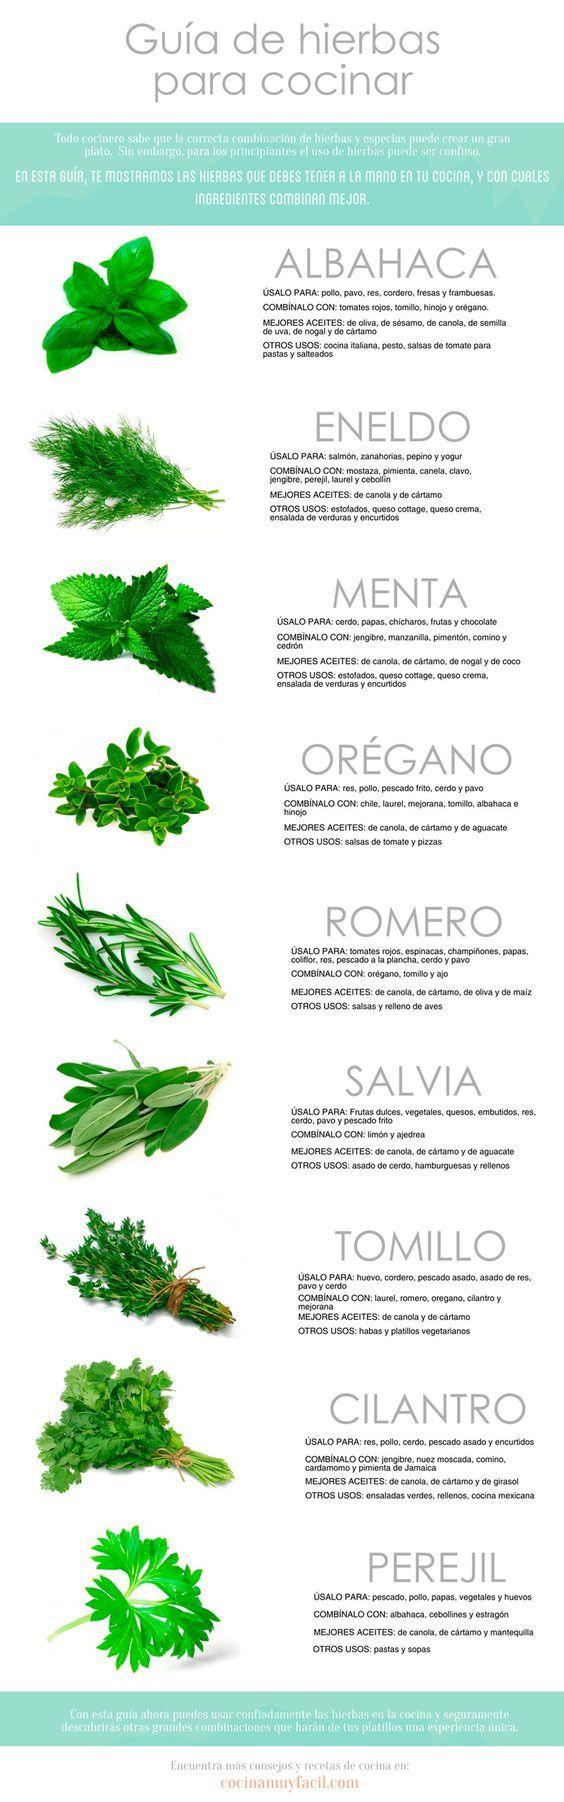 Utilizando hierbas aromáticas en tu comida, puedes hacerla más sabrosa sin necesidad de utilizar ingredientes altos en grasa, en azúcar o en sodio. Guía de hierbas para cocinar. Infografía http://cocinamuyfacil.com/guia-de-hierbas-para-cocinar-infografia/